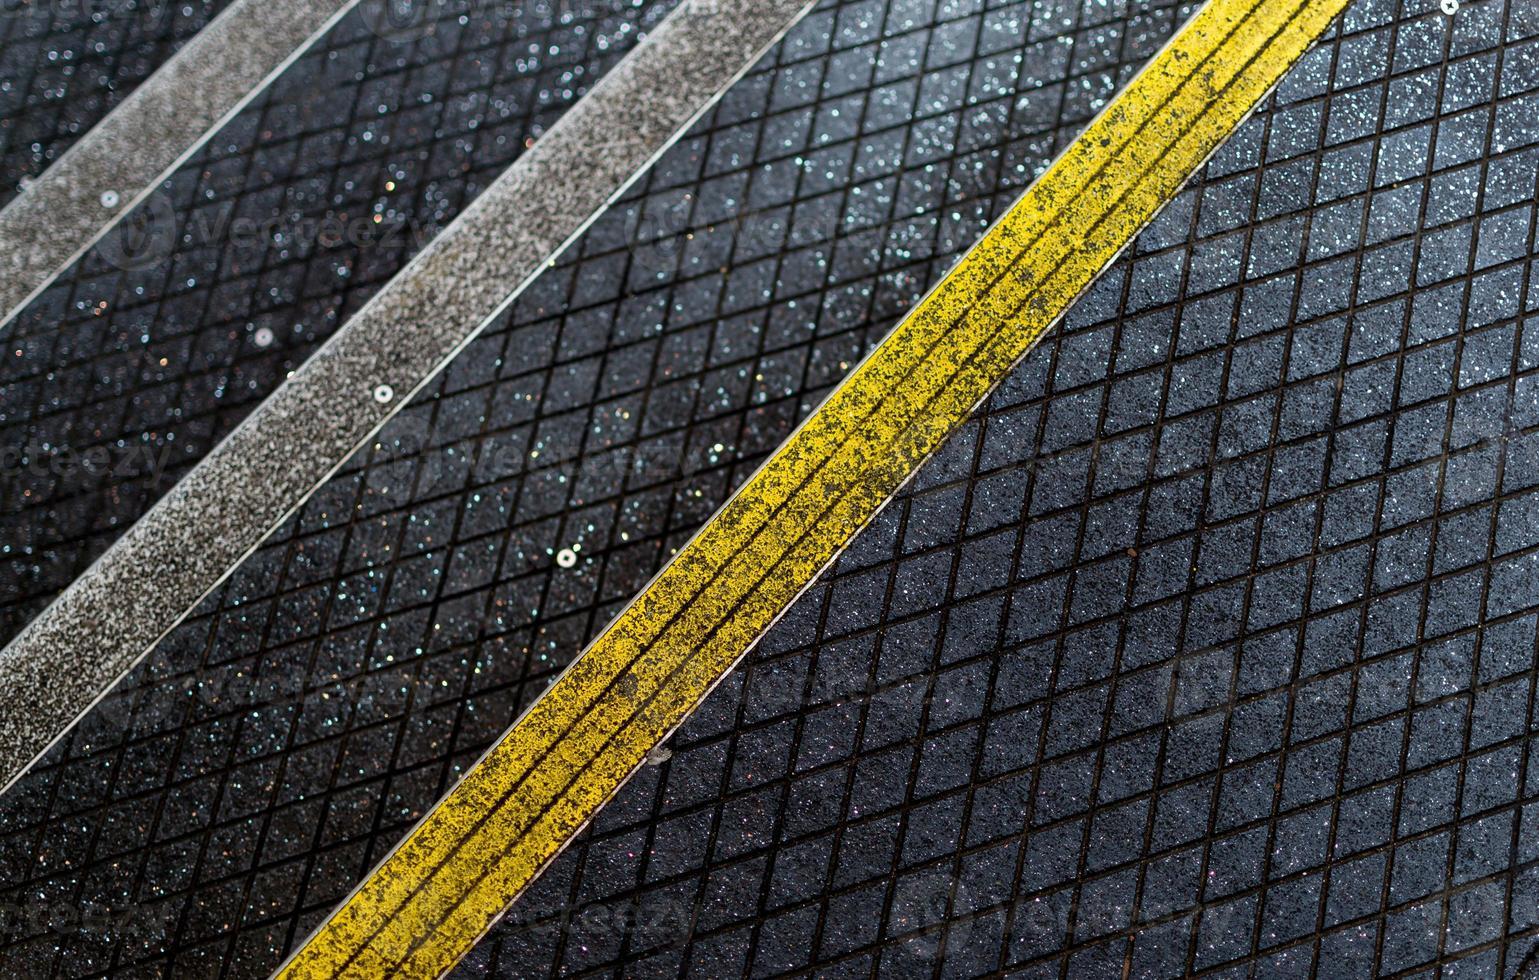 Fußgängerasphalttreppe mit rutschfester Beschichtung foto